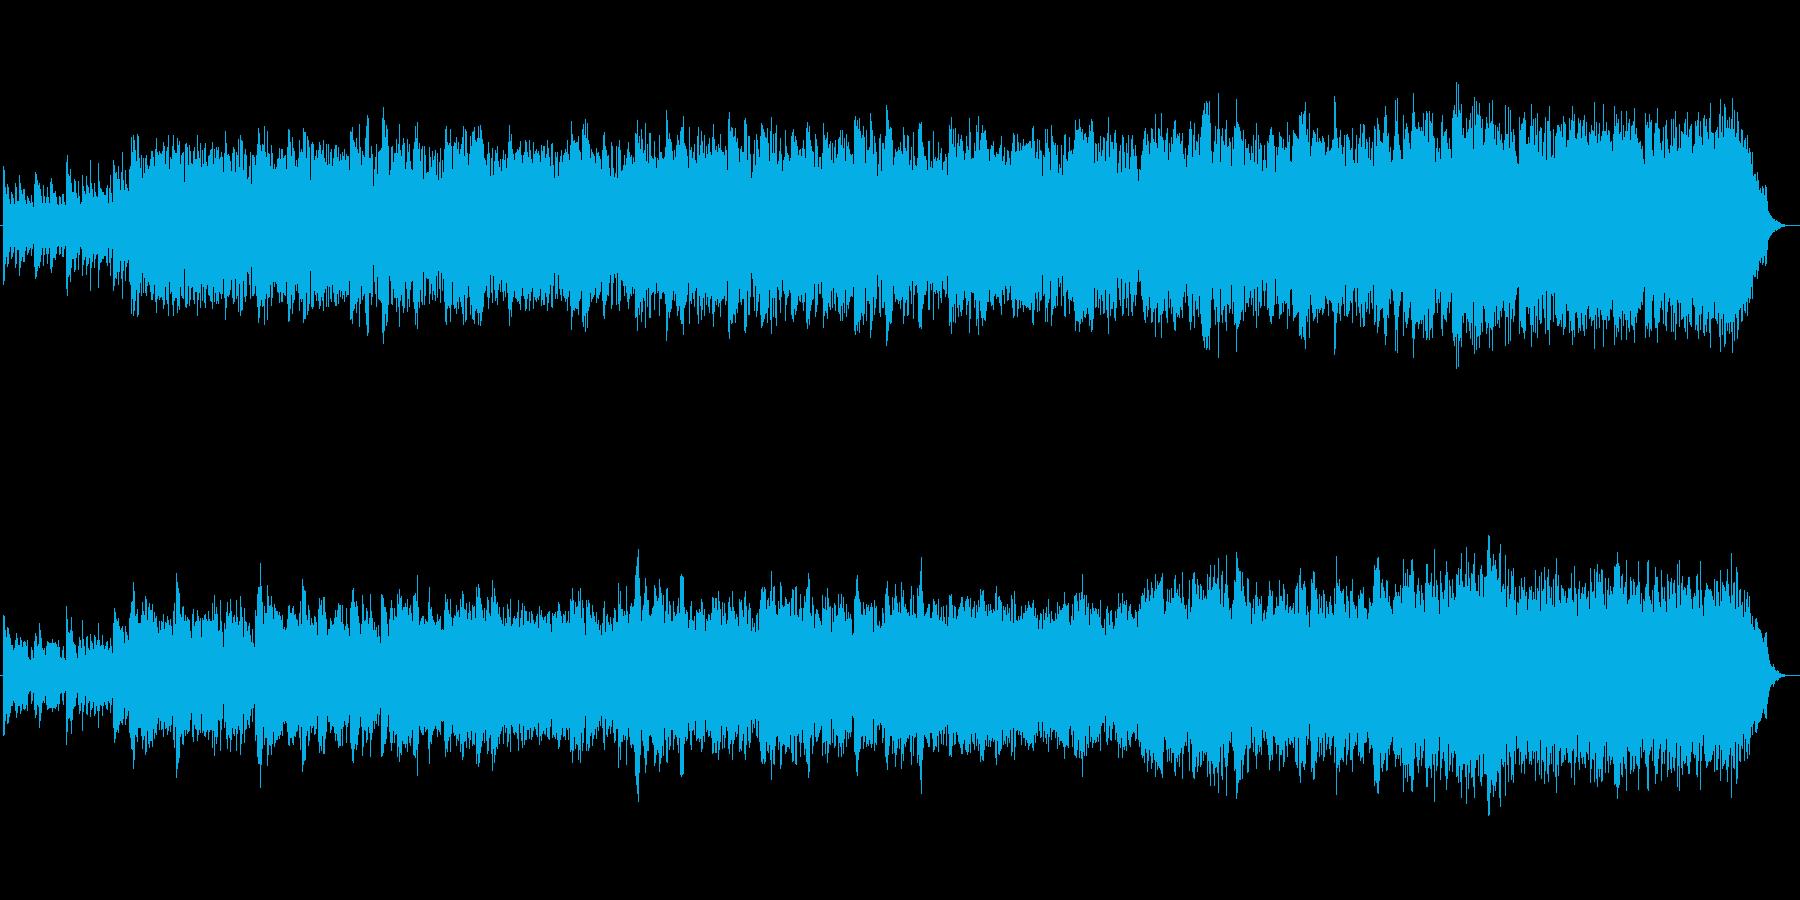 森を抜ける風のイメージの幻想的な曲の再生済みの波形